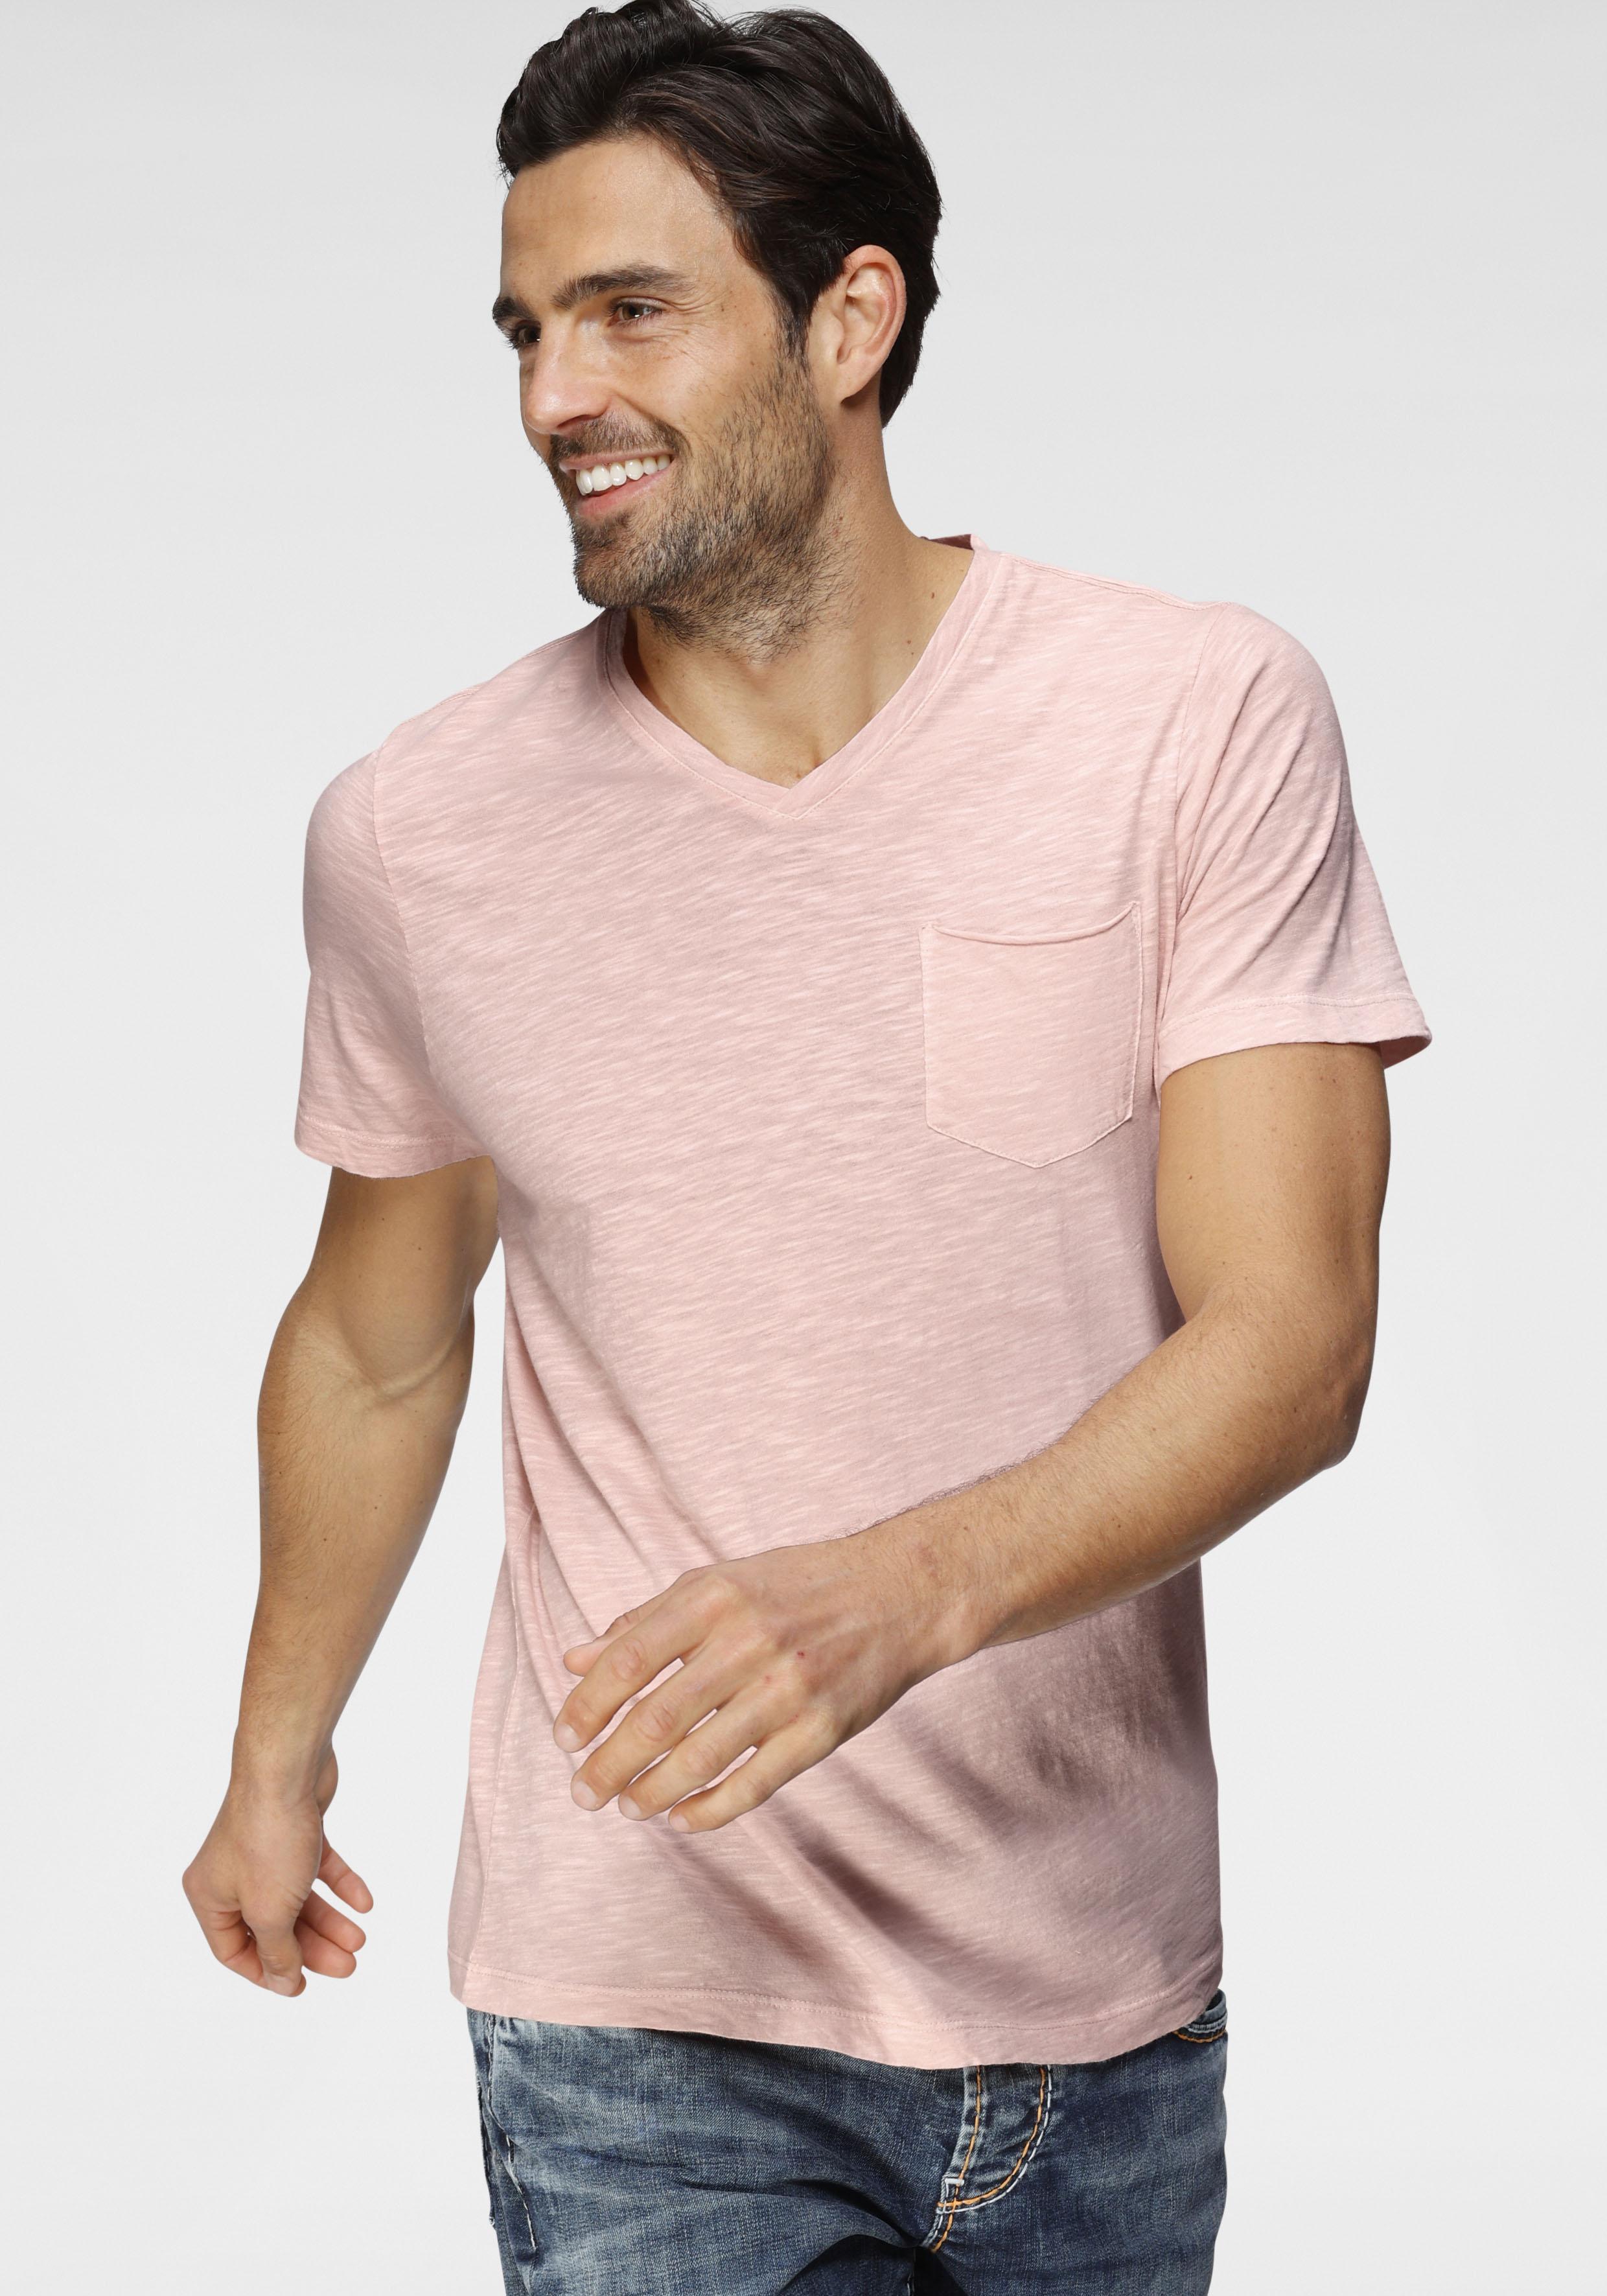 camp david -  T-Shirt, mit Brusttasche